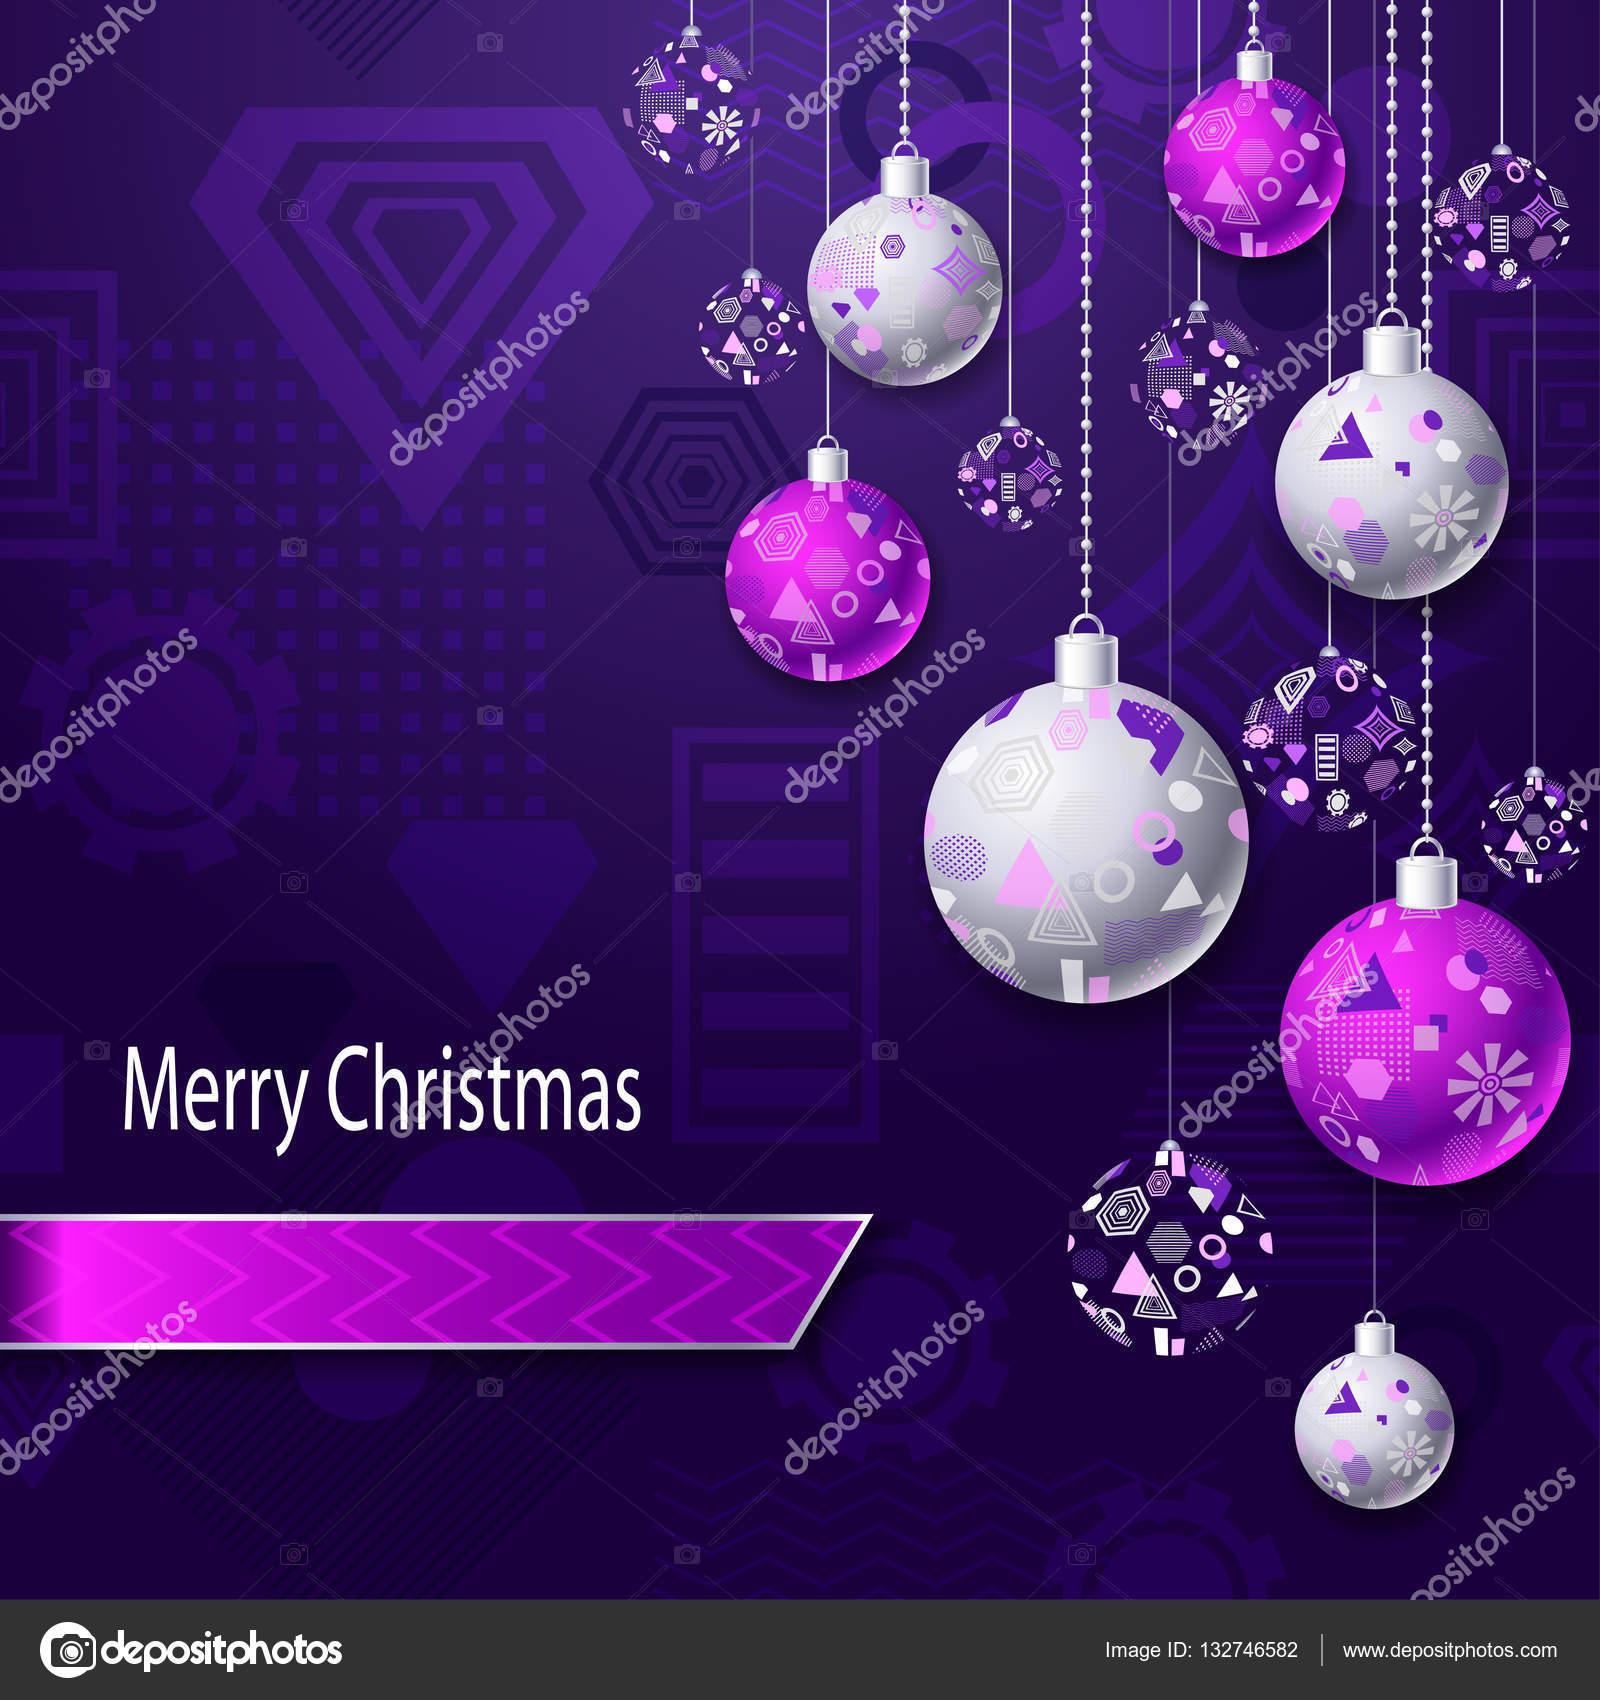 Christbaumkugeln Violett.Frohe Weihnachten Hintergrund Mit Christbaumkugeln In Rosa